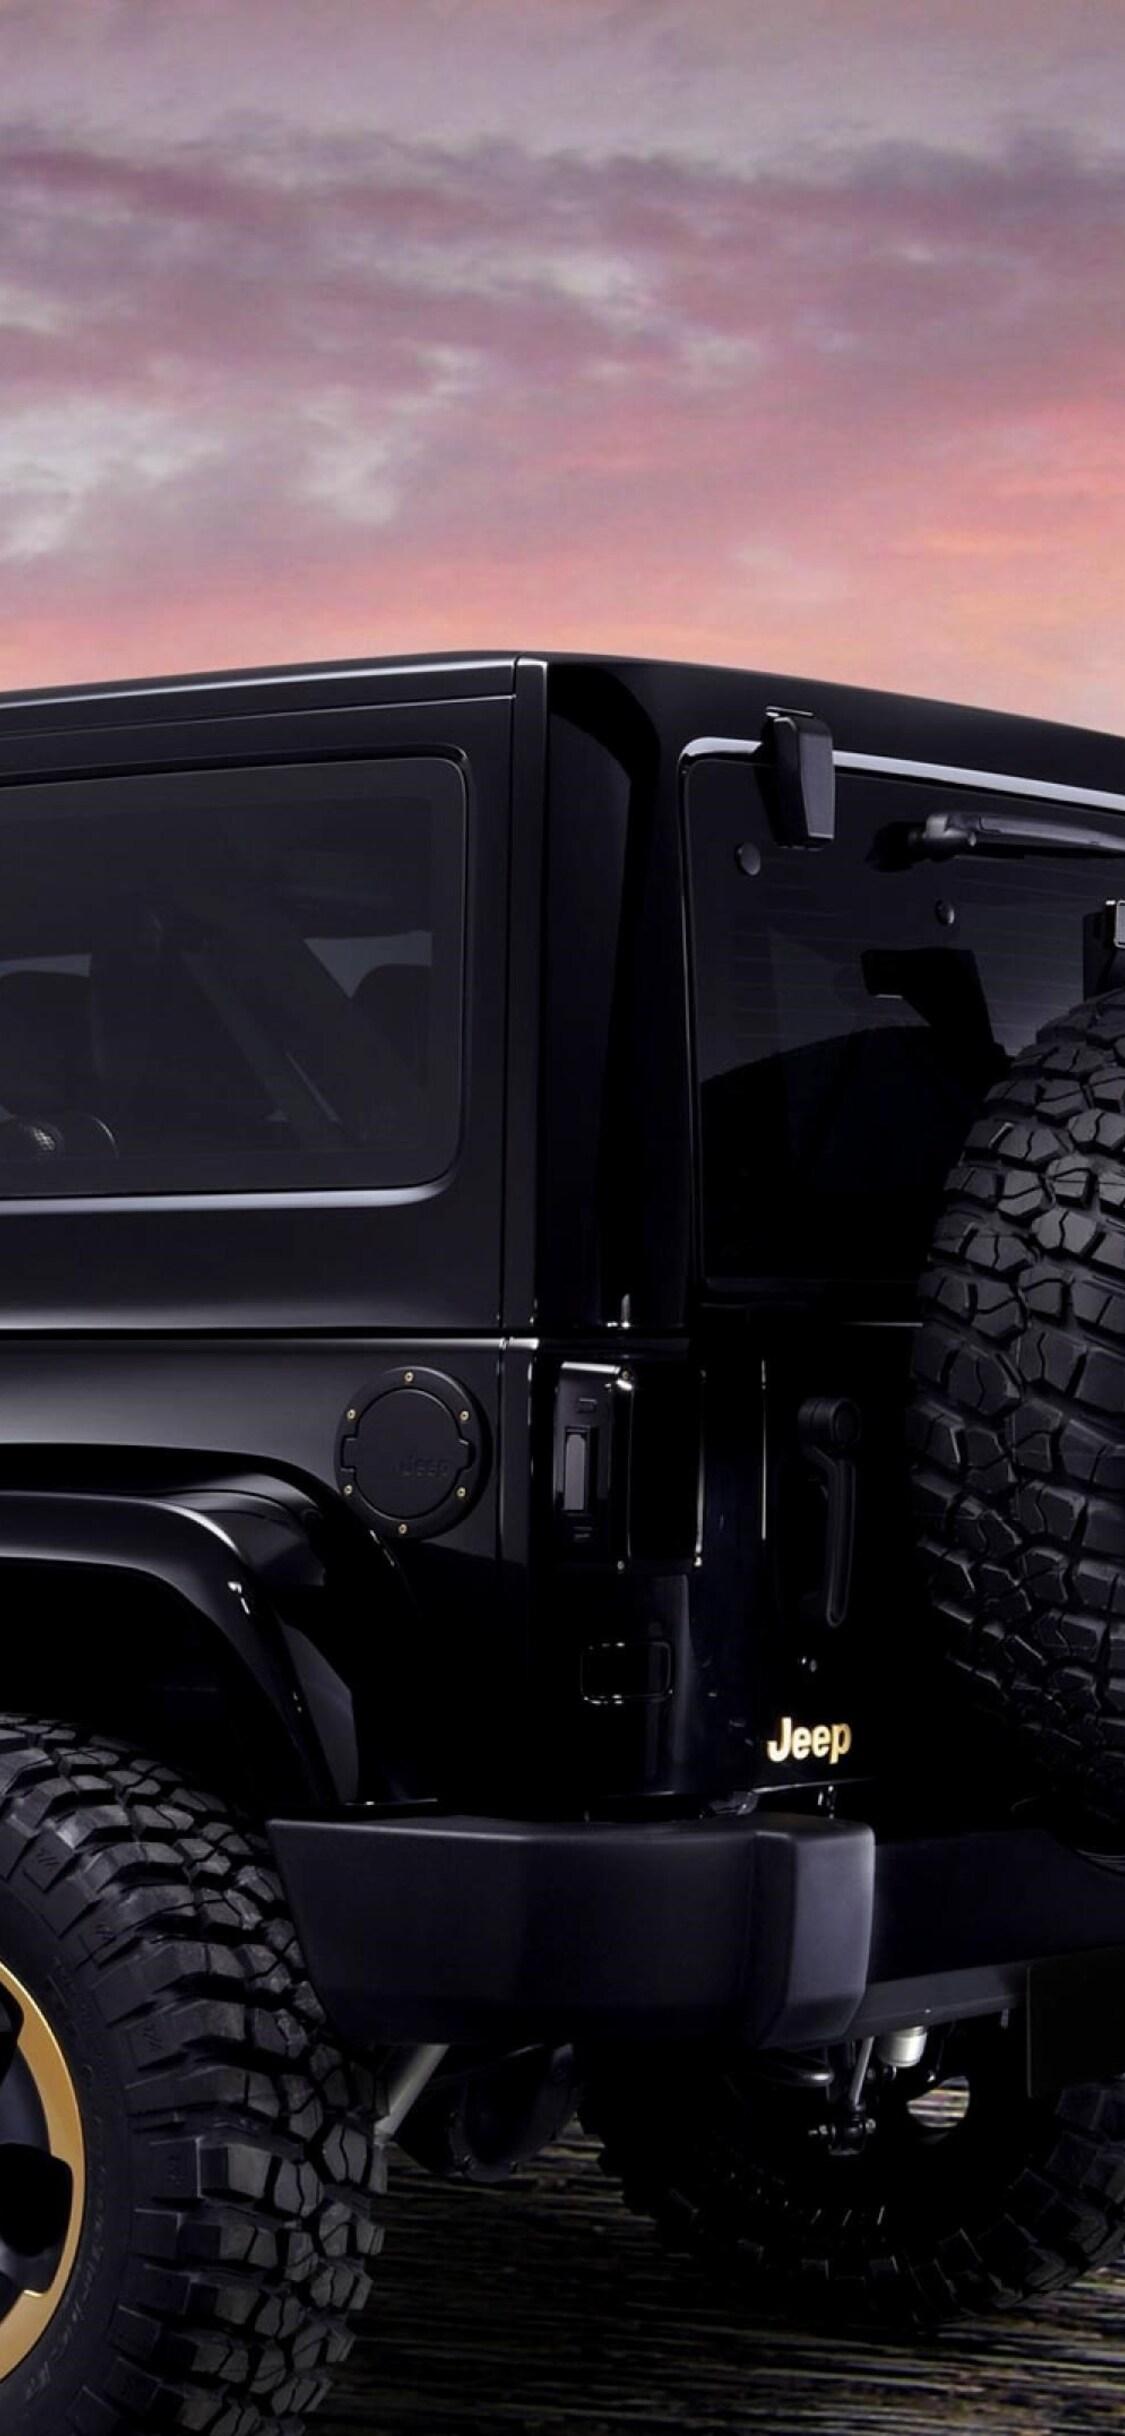 1125x2436 Wrangler Jeep Iphone Xs Iphone 10 Iphone X Hd 4k